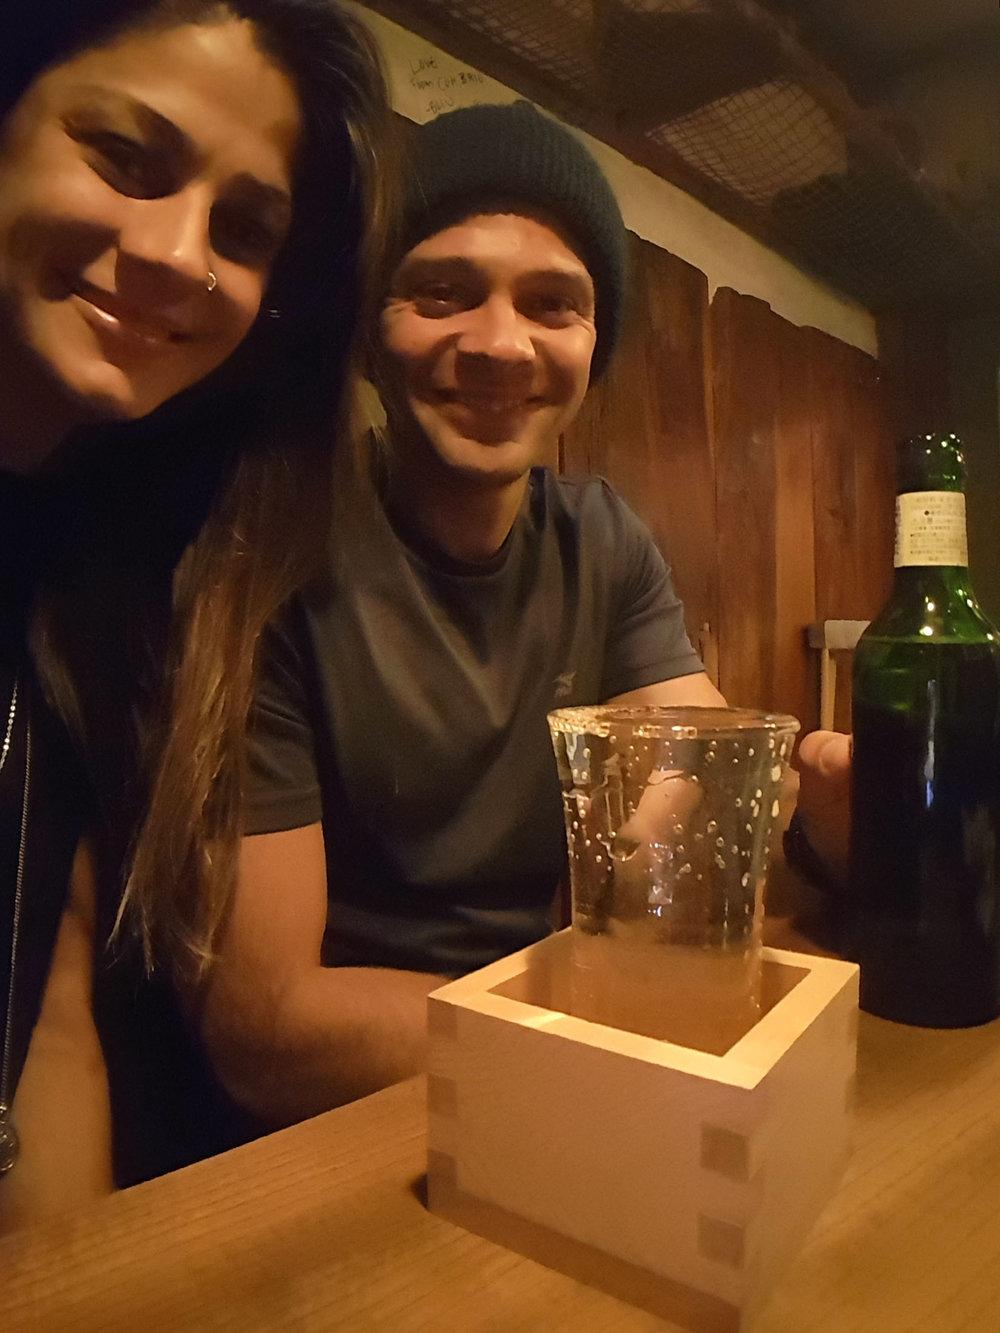 E é assim que o sake é servido aqui. Ele derrama um chorinho nesse caixotinho, e aí você bota o chorinho no copo e bebe... Eu tive que perguntar o que fazer porque confesso que fiquei meio perdida na hora de desenrolar a situação ;)